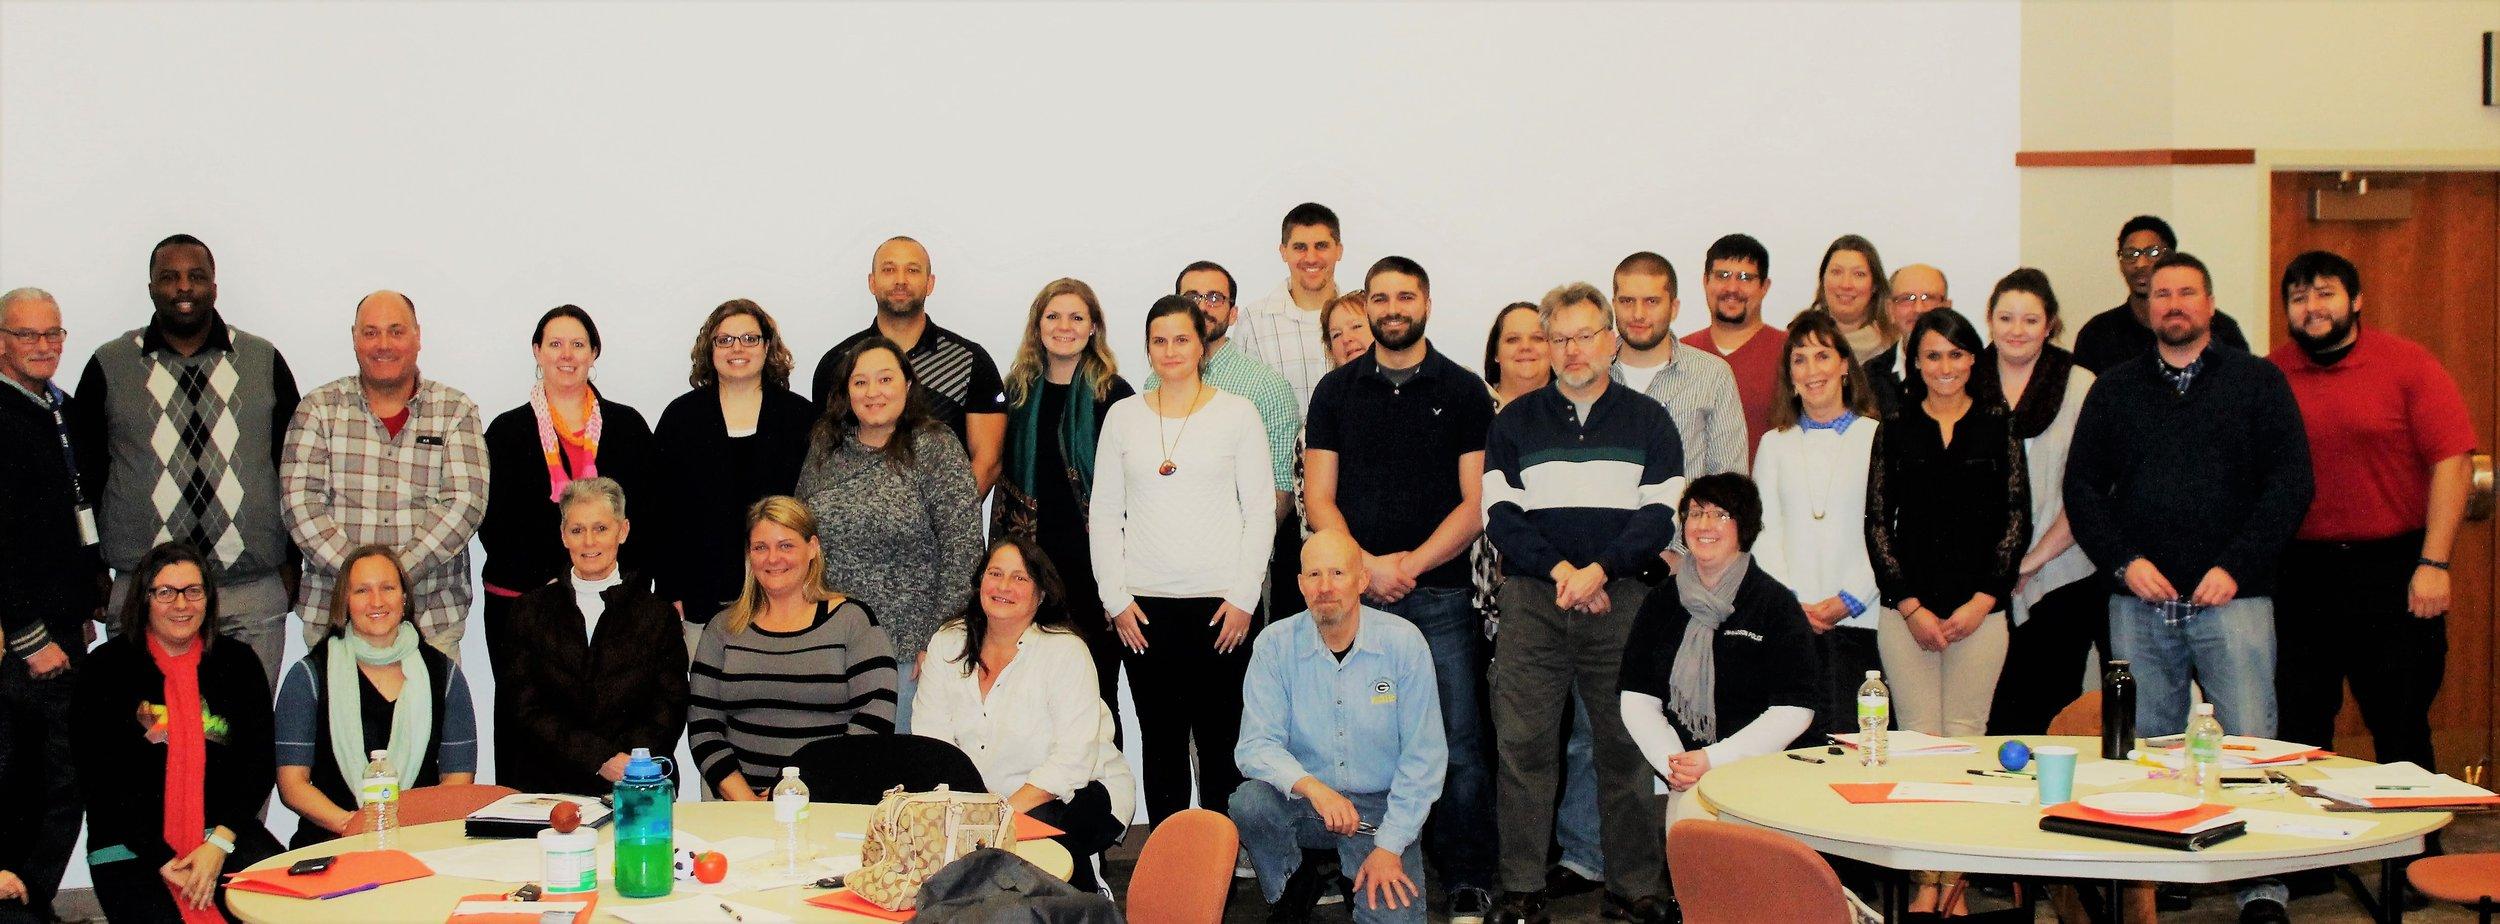 NAMI Dane, UW-Madison & Attic Corrections CIP Training. Dec. 2016